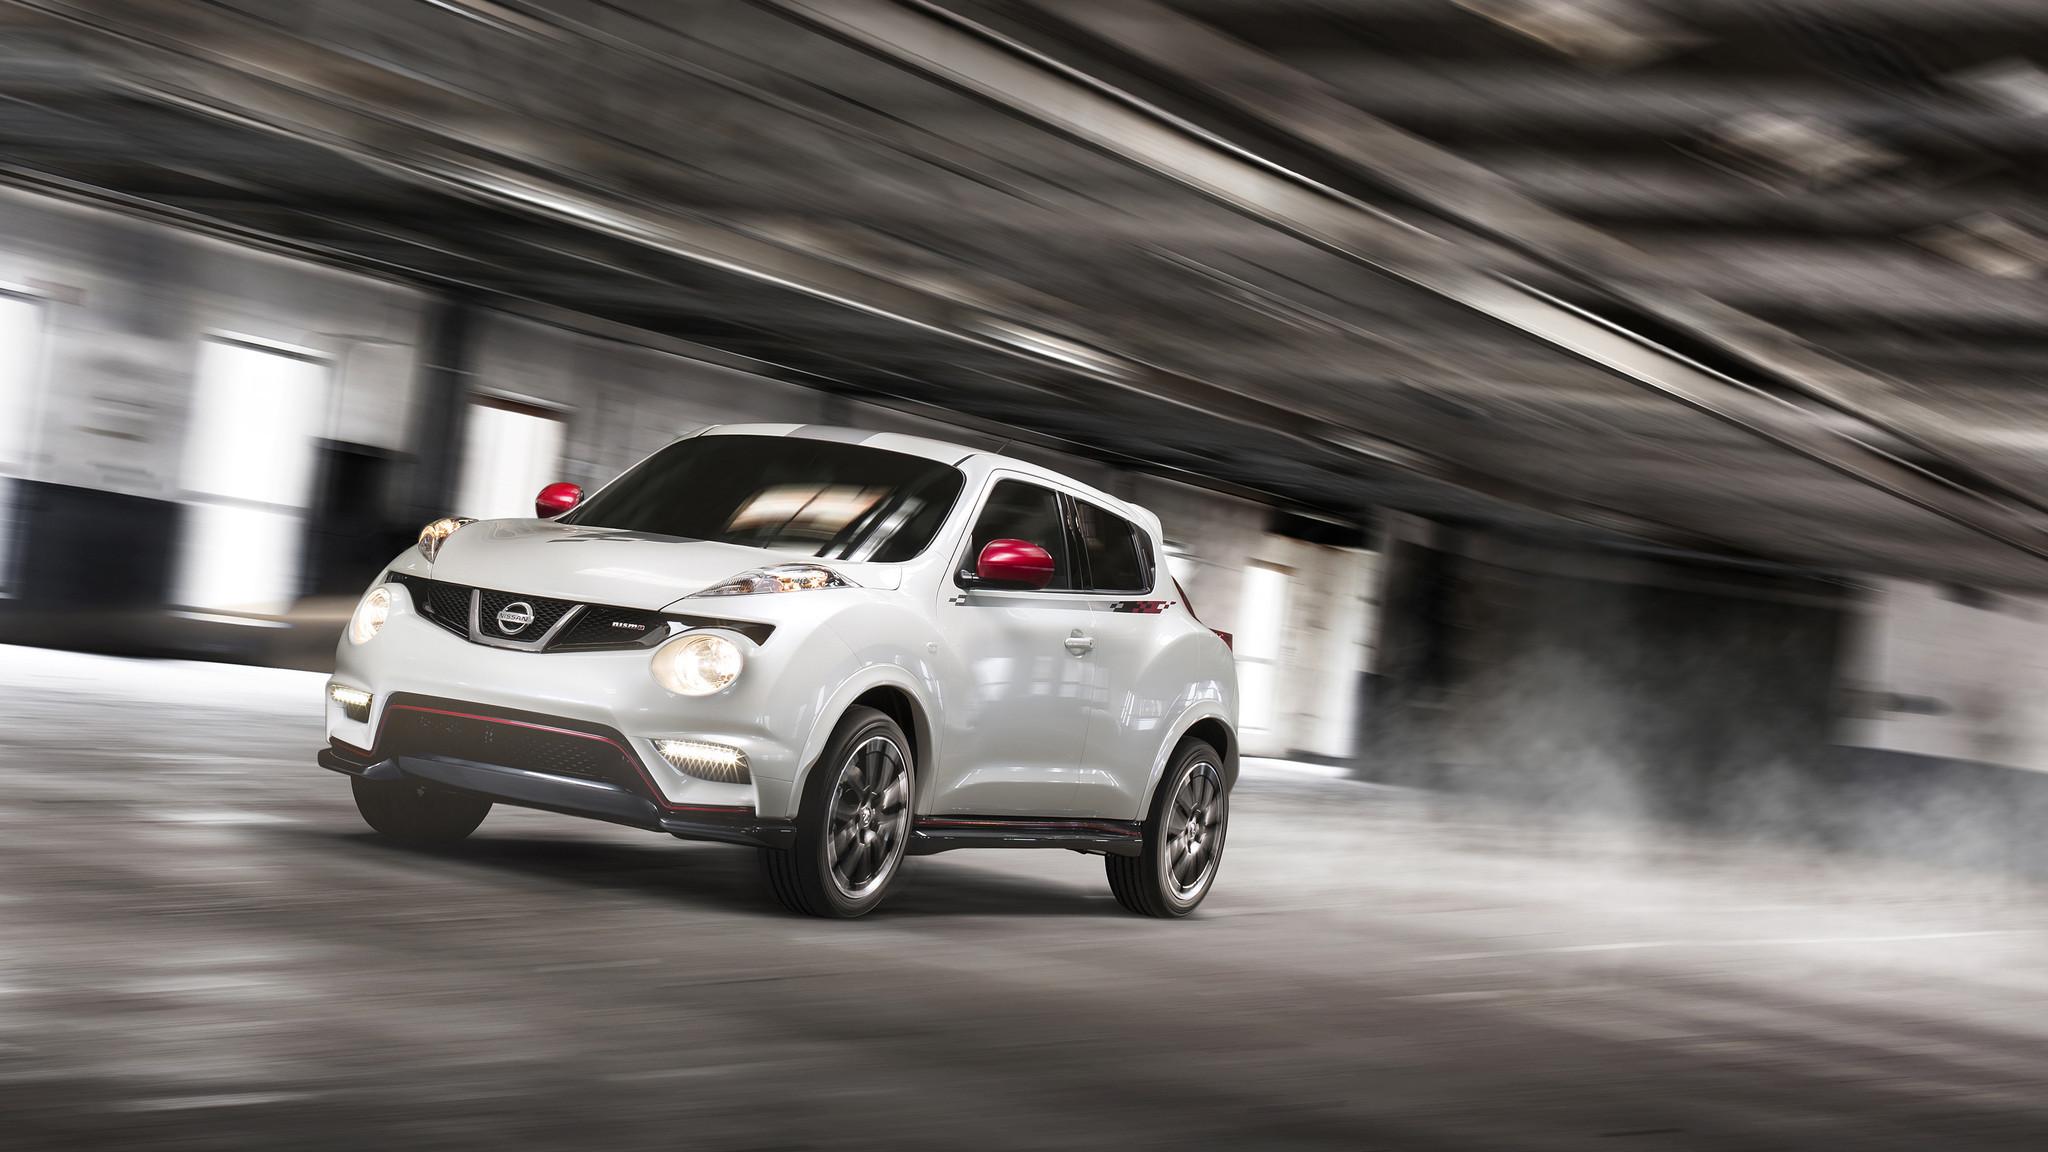 Nissan's oddball Juke gets Nismo performance boost